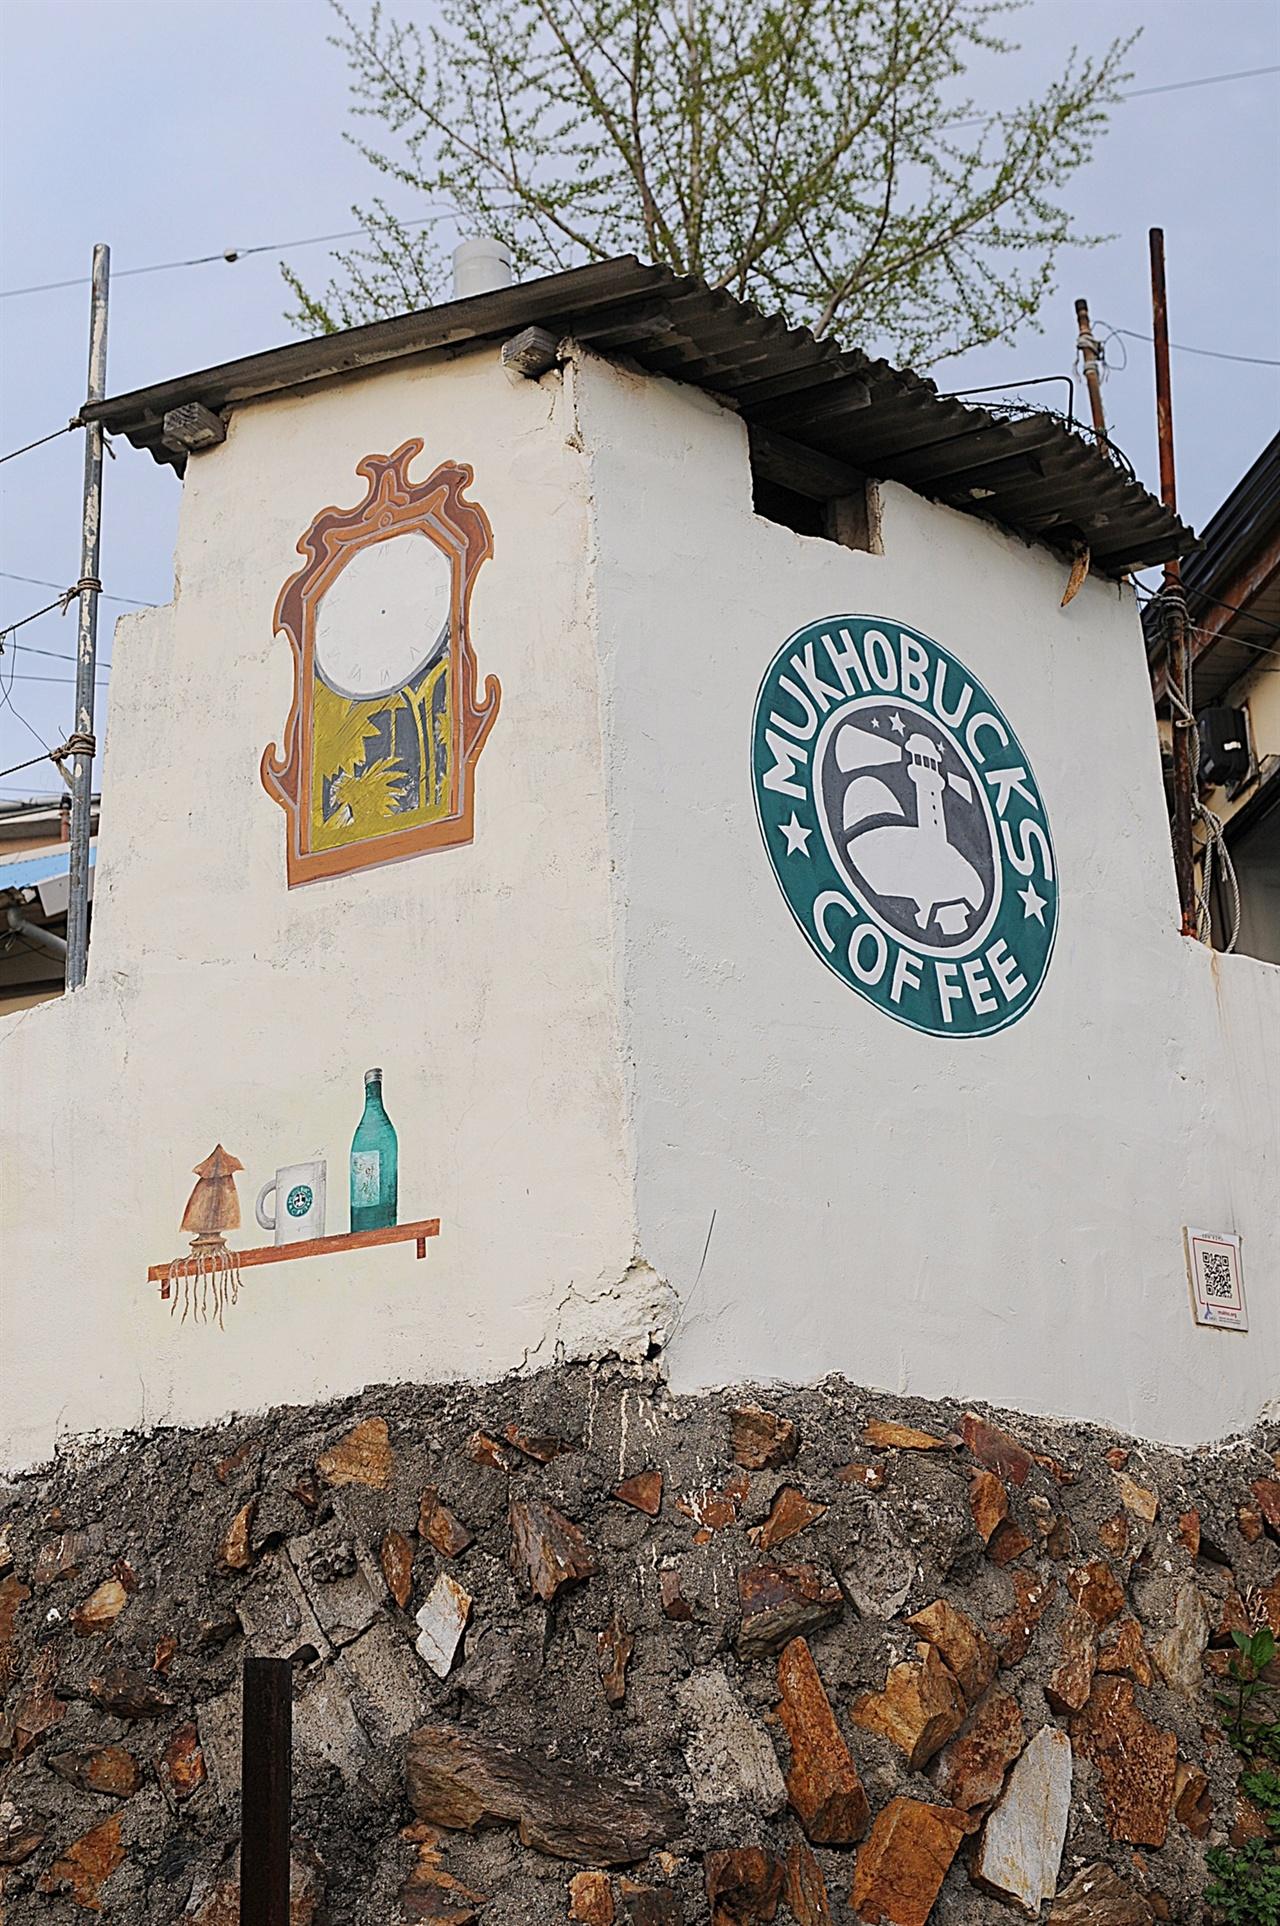 묵호벅스 벽화 스타벅스를 패러디한, 로열티를 내지 않는 순수 토종 브랜드 묵호벅스. 단, 매장이 없다. 그래도 소주와 오징어를 같이 먹도록 옆 벽에 그려 놓았다.